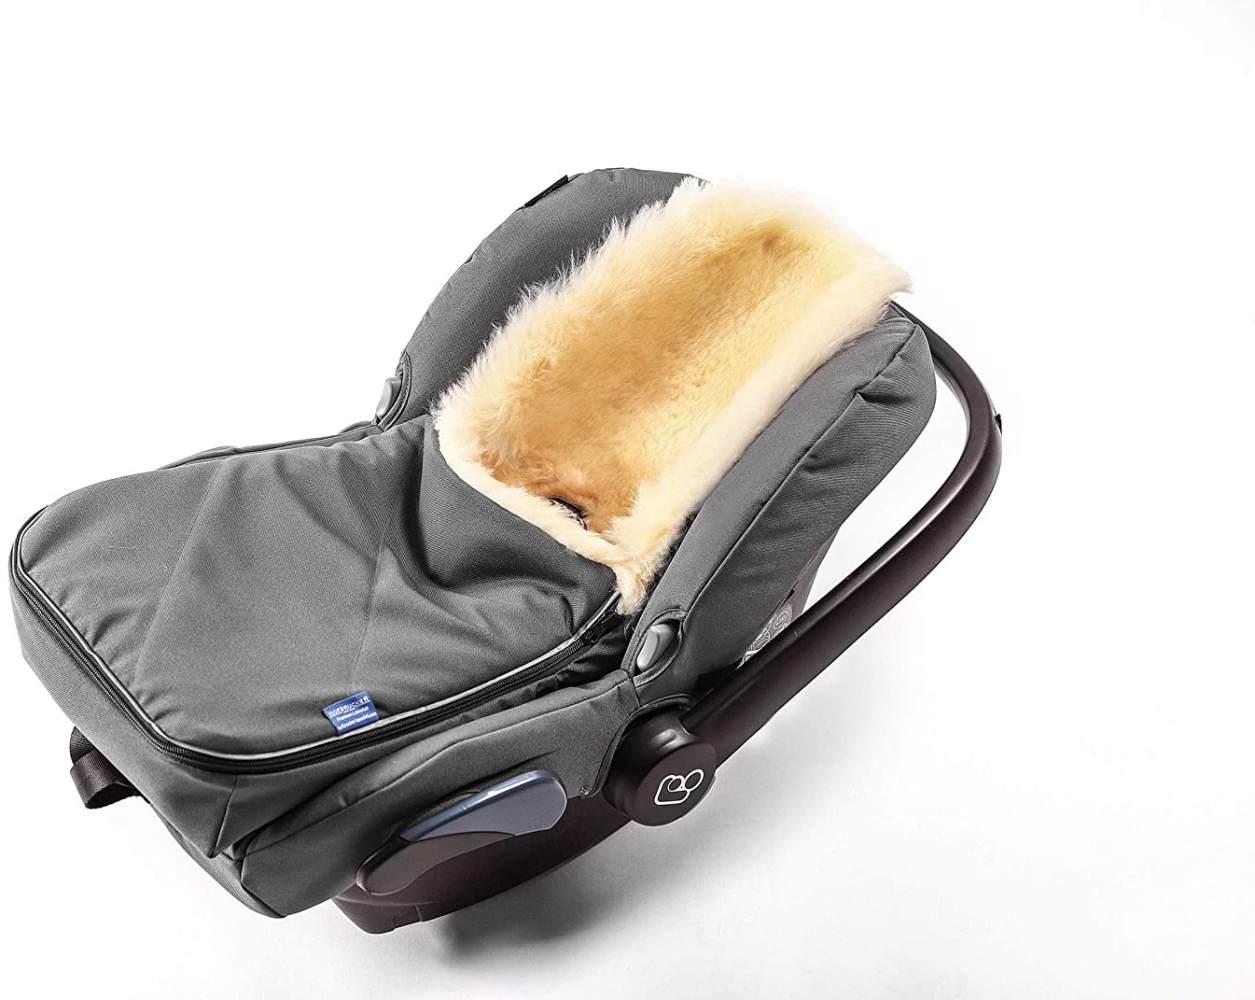 Fußsack für Babyschale Hofbrucker - kuscheliger universal Lammfellfußsack, medizinisches echtes Fell, für Tragetasche, Kinderwagen und Buggy geeignet, Design:grau Bild 1